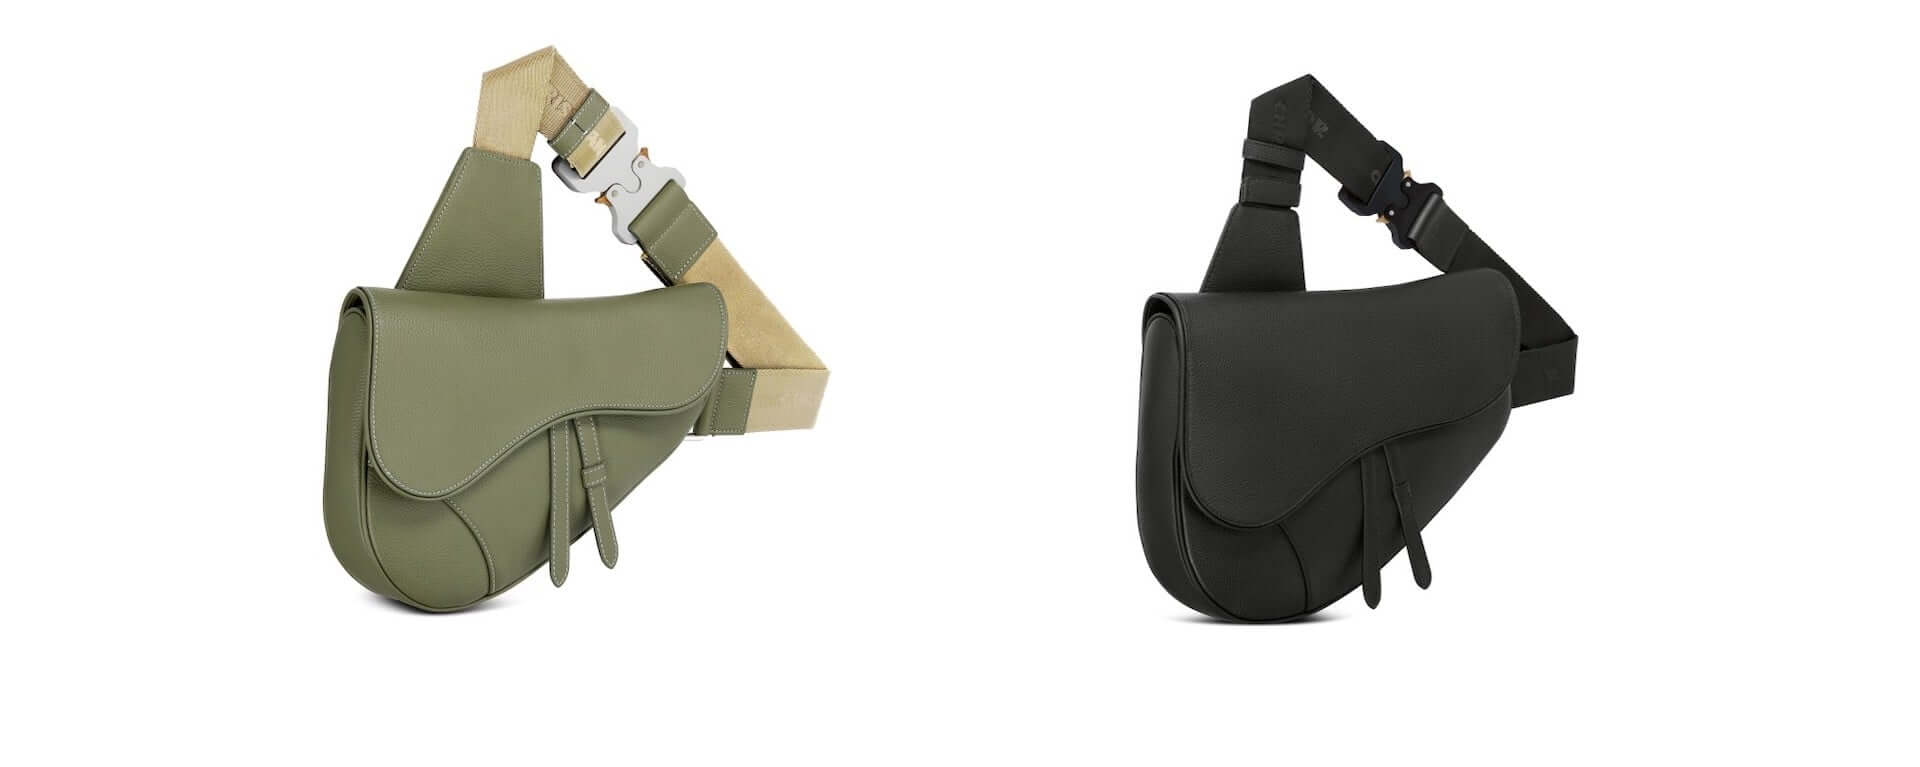 ディオールの「サドル」バッグにマキシサイズが登場!取り外し可能なスマホケースも付属 lf210303_dior_3-1920x767